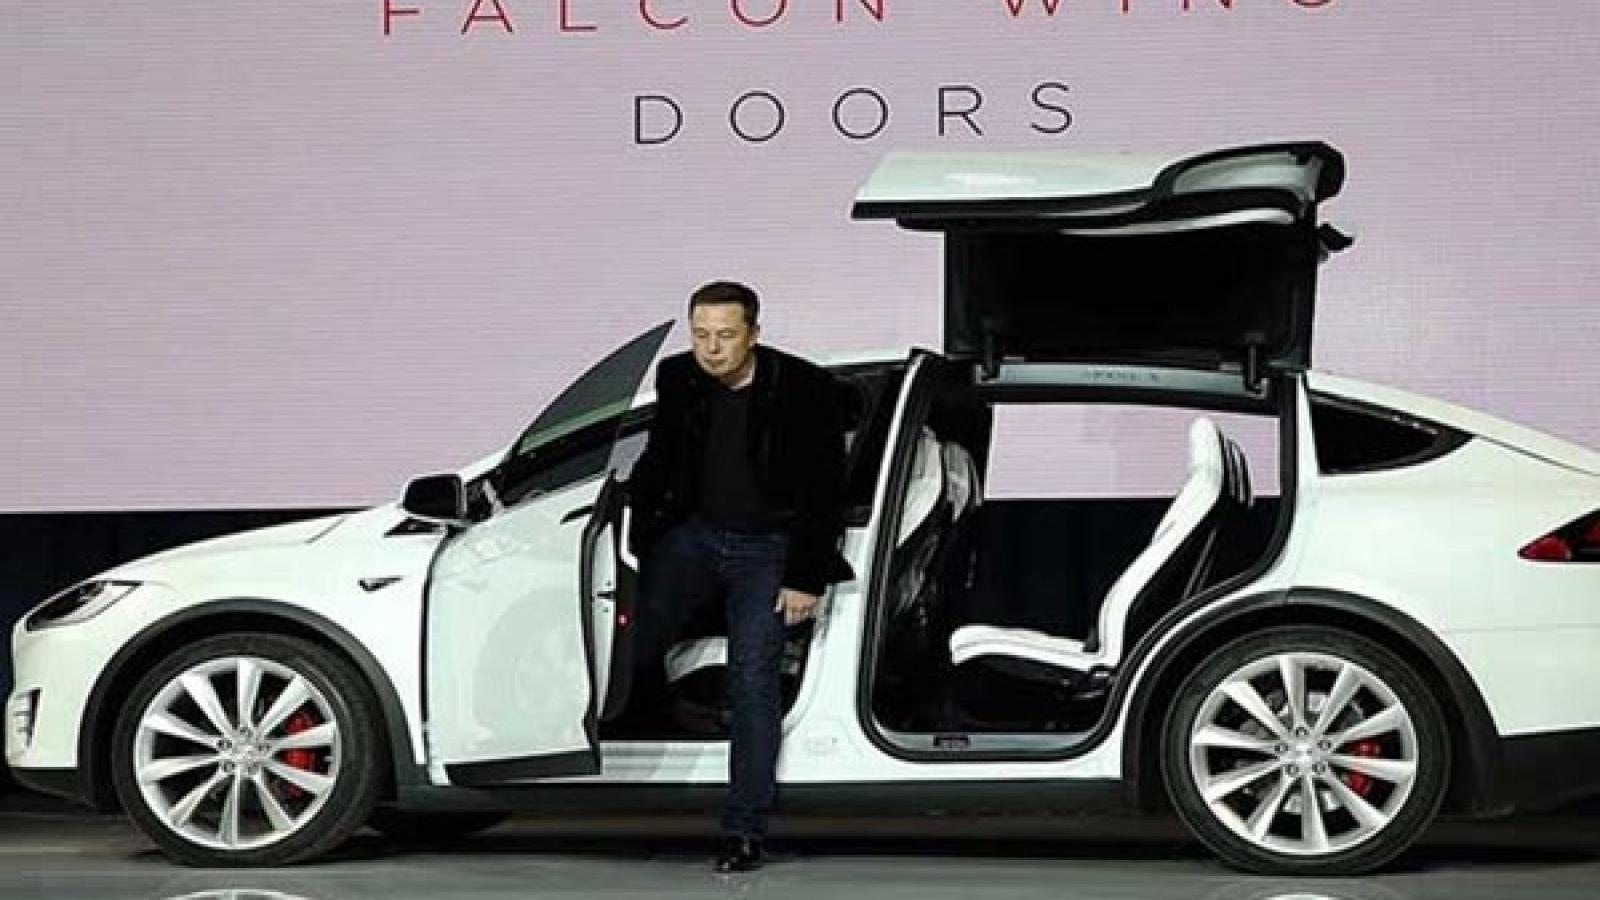 ایلان ماسک از کار روی یک برنامهی محرمانه خبر داد - اجاره خودرو طباطبایی